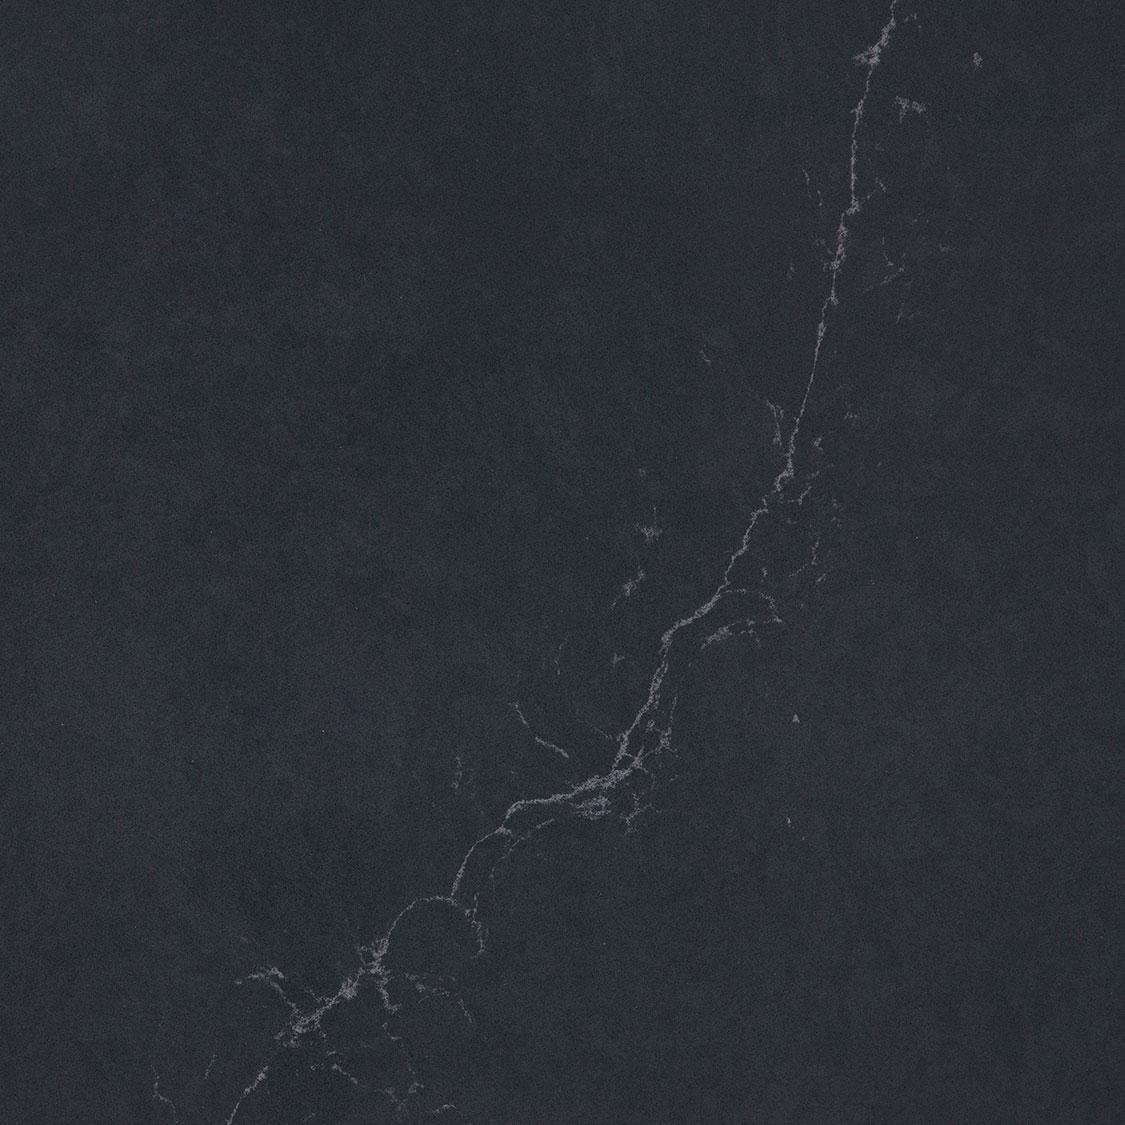 サイルストーン SILESTONE Charcoal Soapstone チャコール・ソープストーン